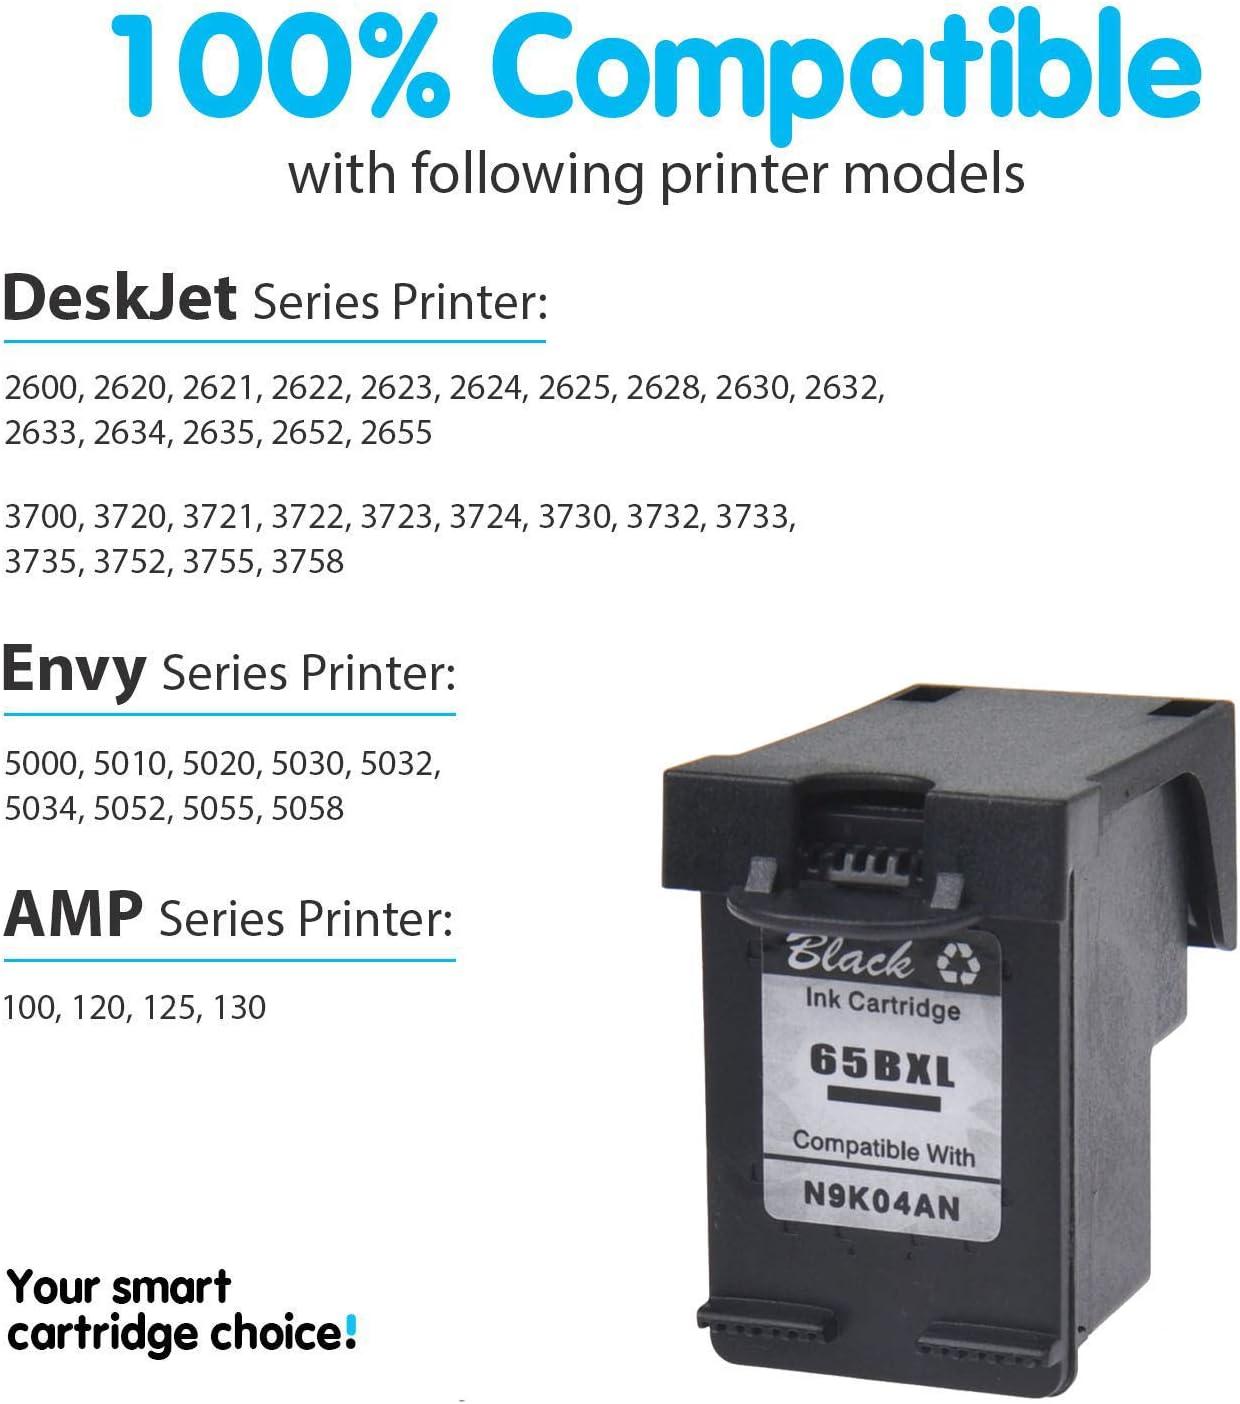 8PK Black Ink Cartridge Compatible for HP 65XL Deskjet 3733 3752 3755 3758 2655